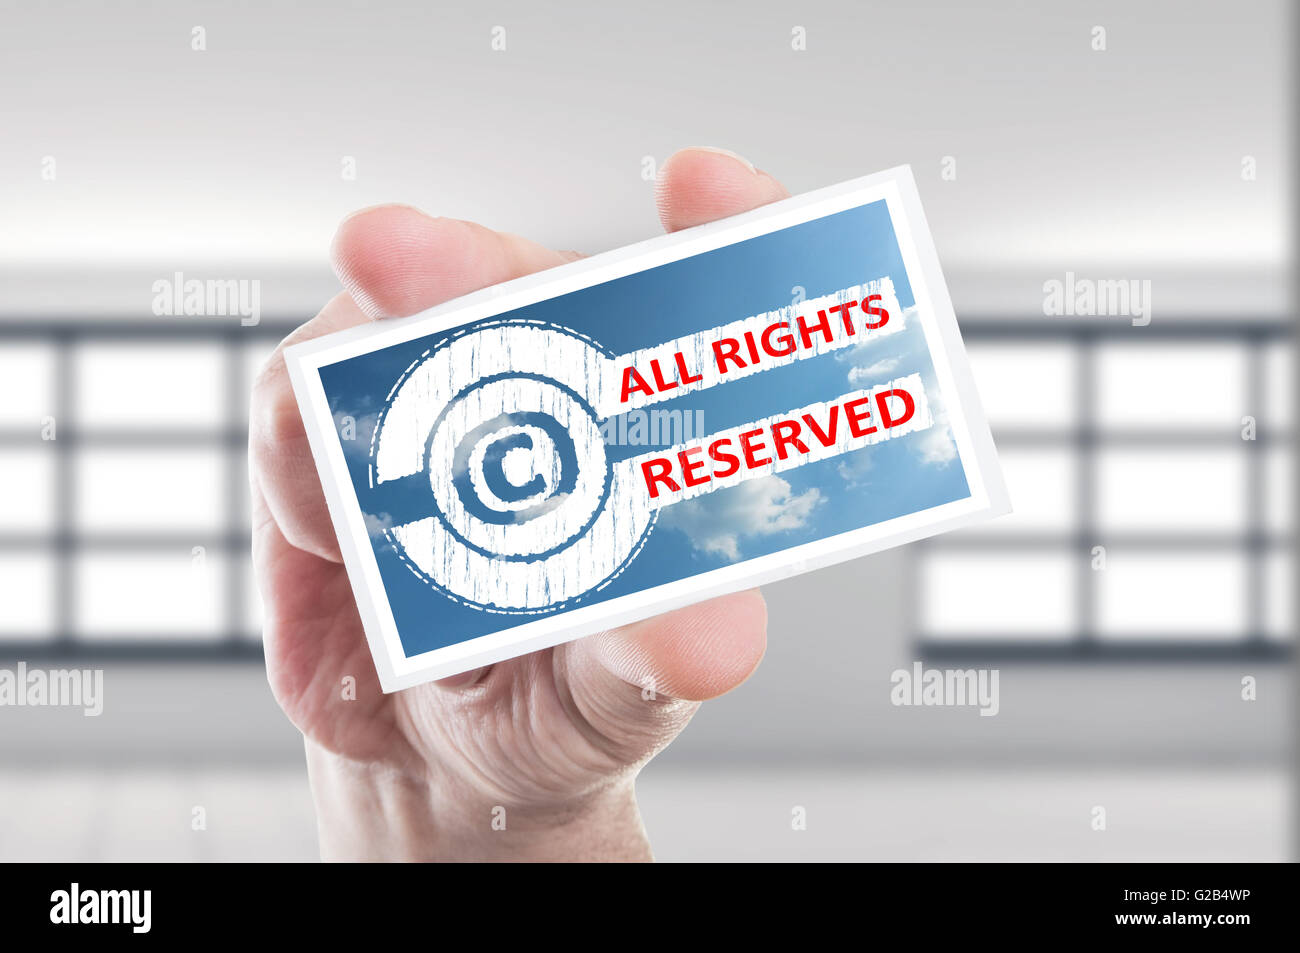 Mano sujetando copyright todos los derechos reservados concepto card Foto de stock